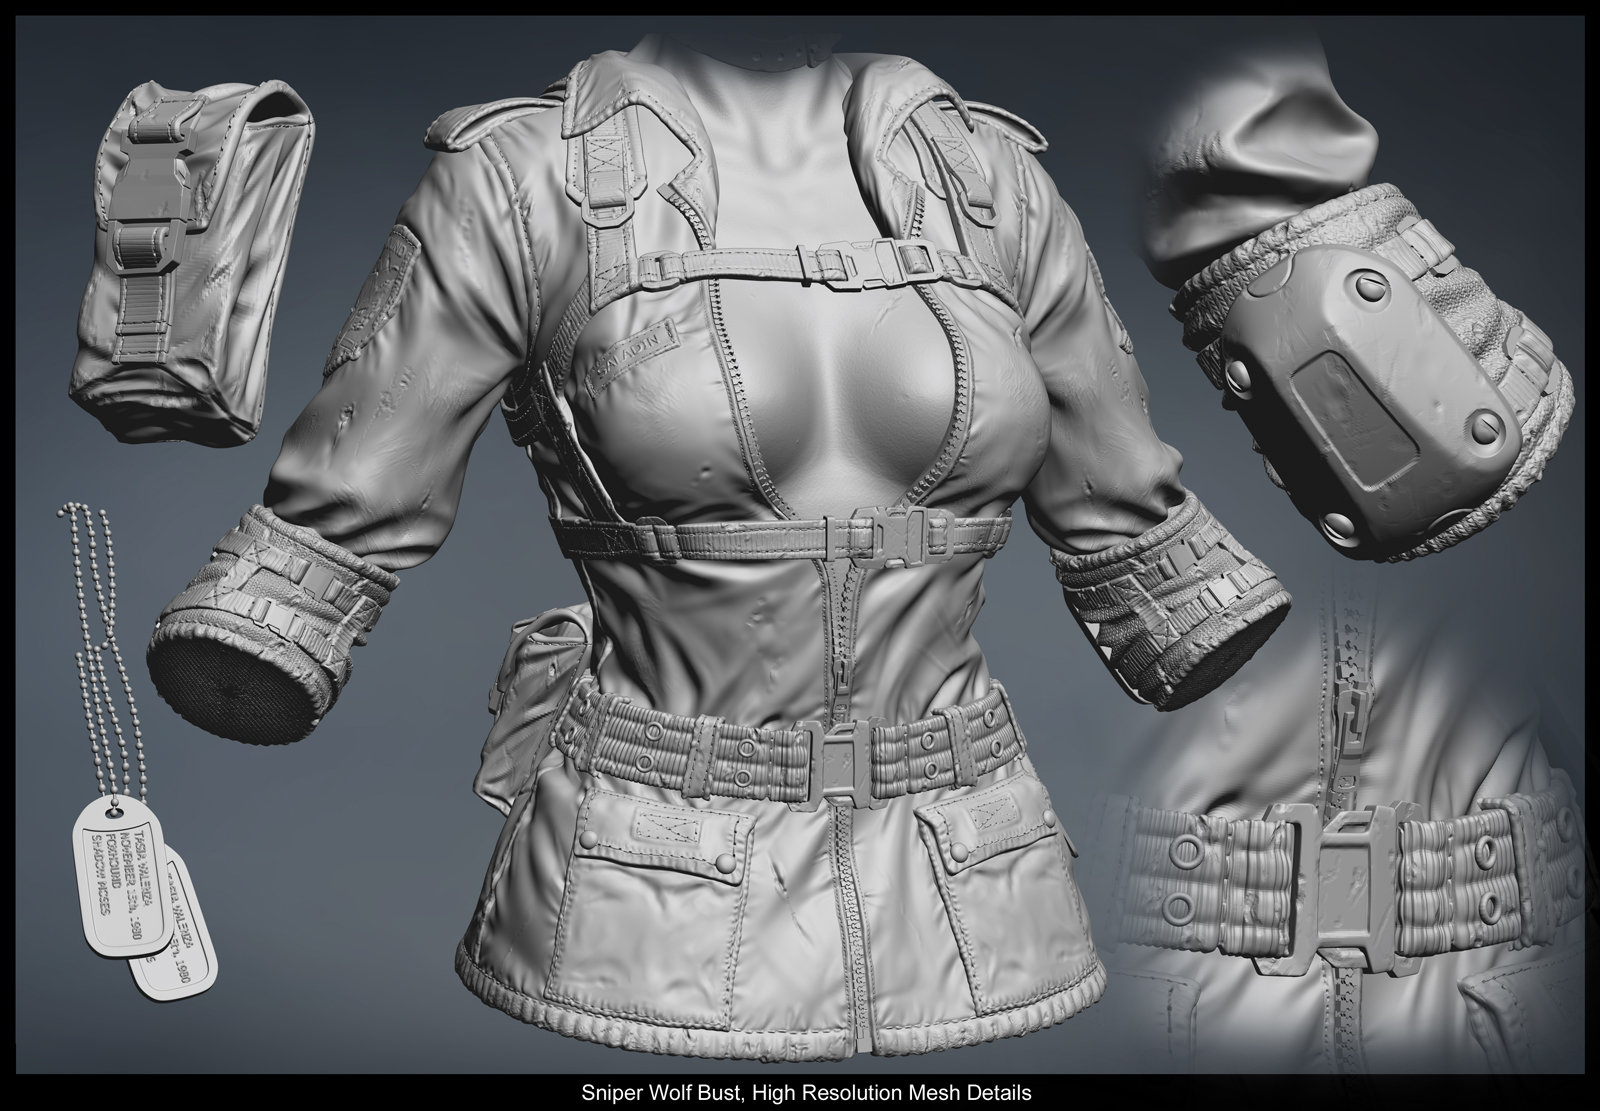 Hires model details